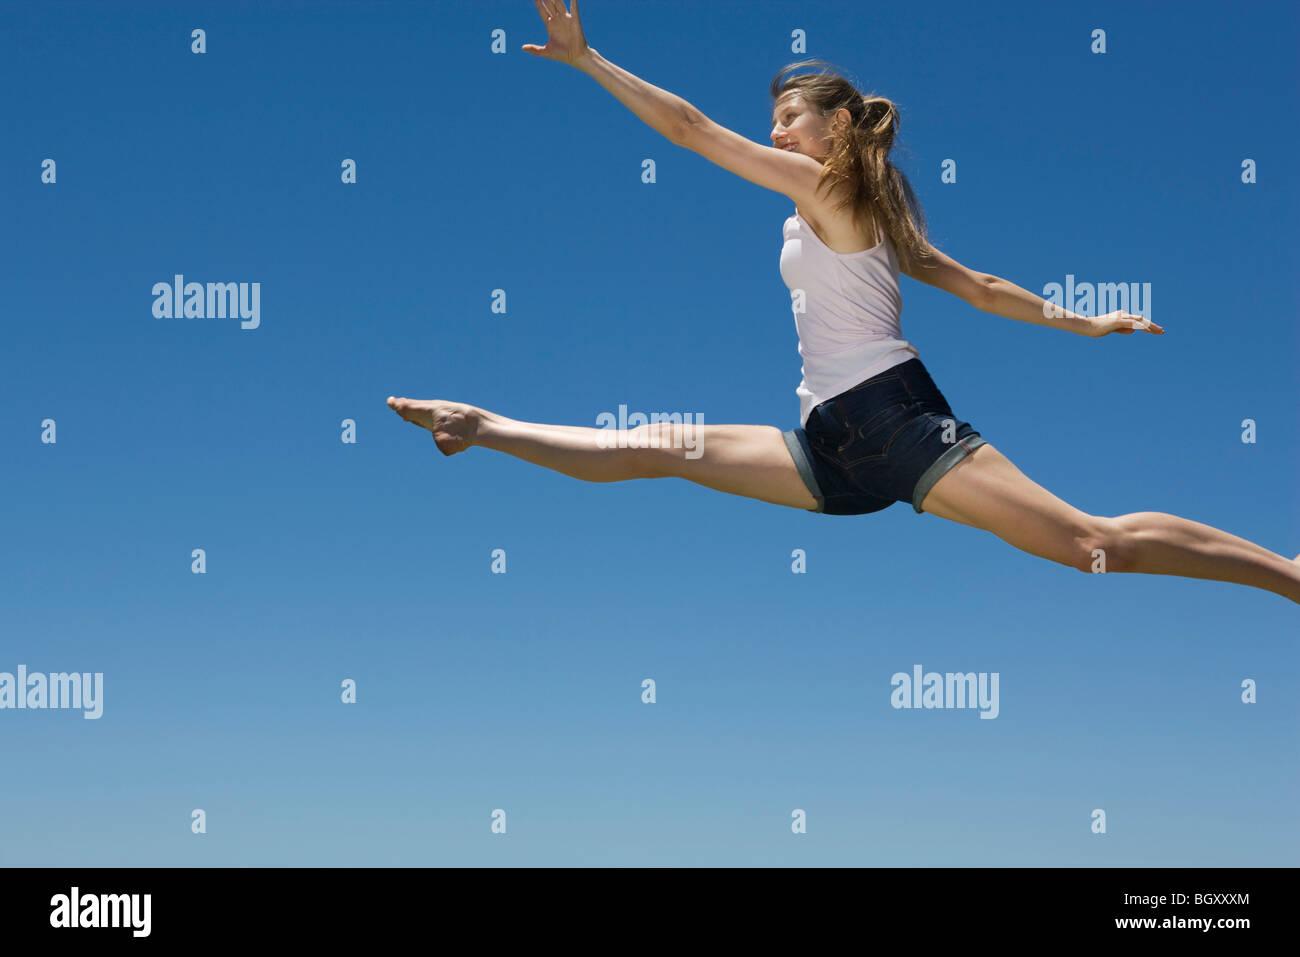 Jeune femme sautant, plein ciel Banque D'Images